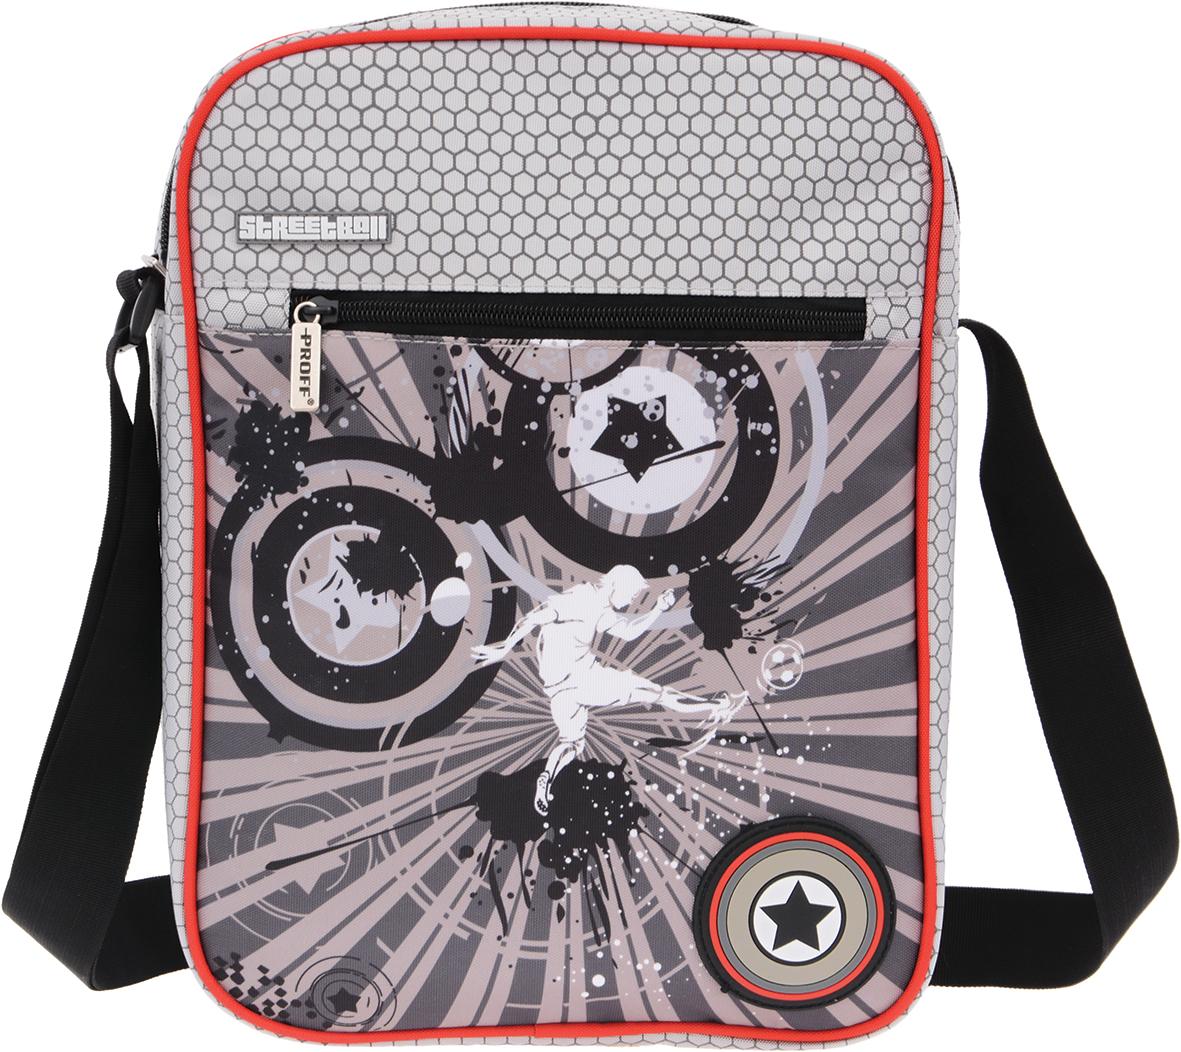 Proff Сумка школьная Street BallSP16-SBT-08Школьная сумка Proff Street Ball идеально подойдет для вашего школьника, ведь она выполнена из прочного износостойкого полиэстера. Сумка имеет одно вместительно отделение, закрывающееся на застежку-молнию. Внутри отделения находятся два кармана - один на молнии, другой - карман-сетка. На лицевой стороне сумки находится вместительный карман на молнии, а на задней стороне - карман на липучке. Сумка оснащена широким плечевым ремнем, регулируемым по длине.